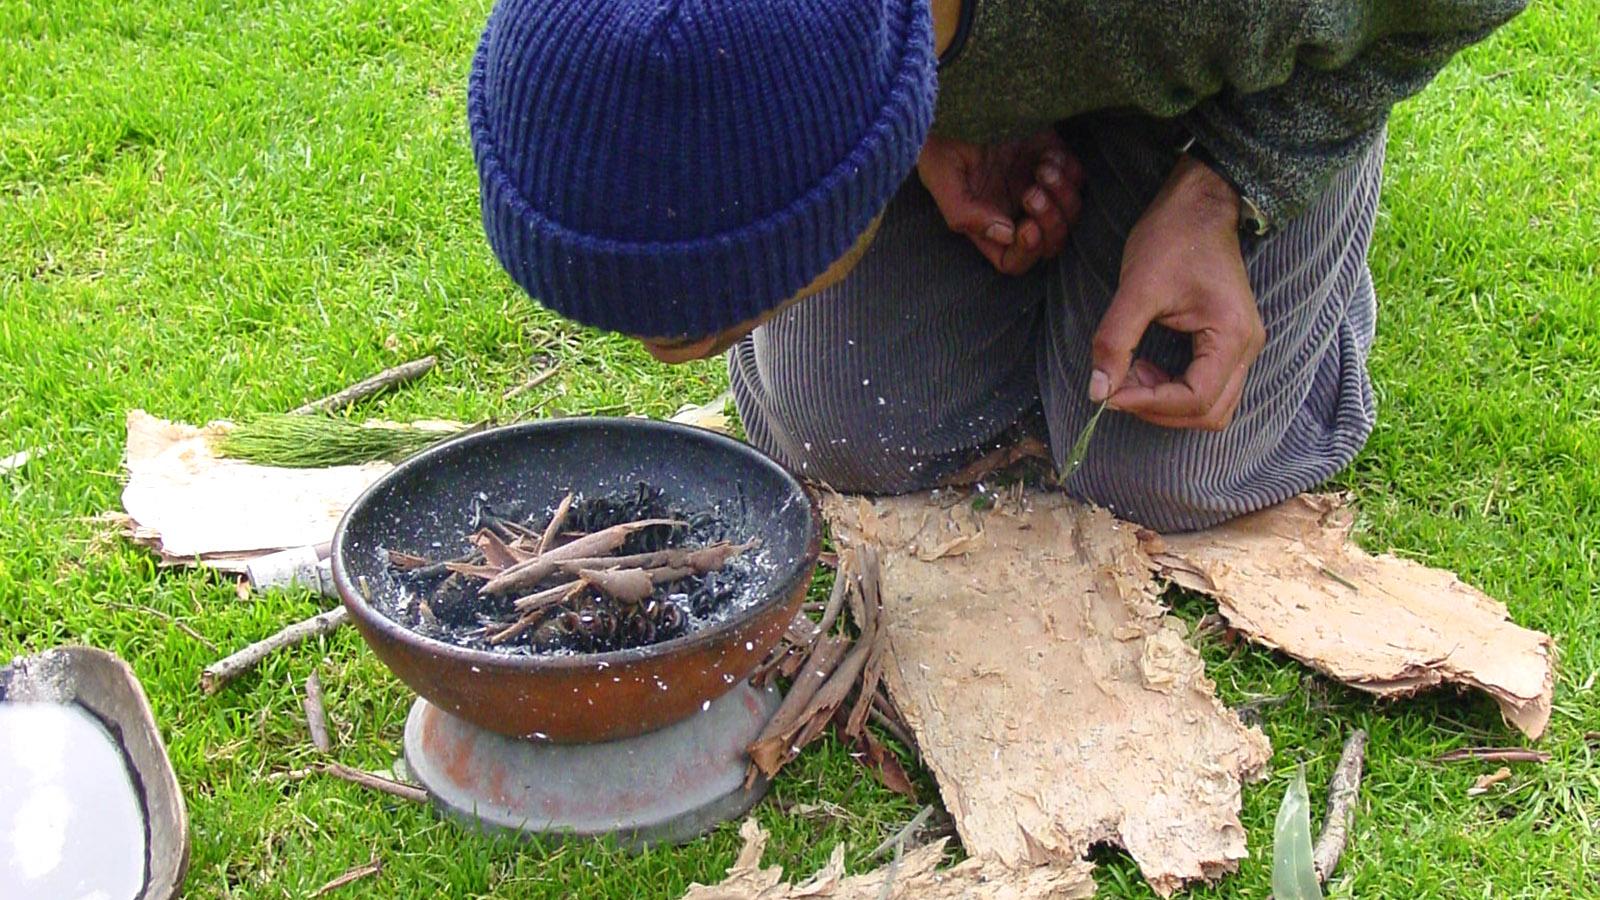 Mudcrabbing & mehr: Vor der Führung wird die Luft gereinigt - mit Räuchern. Foto: Hilke Maunder